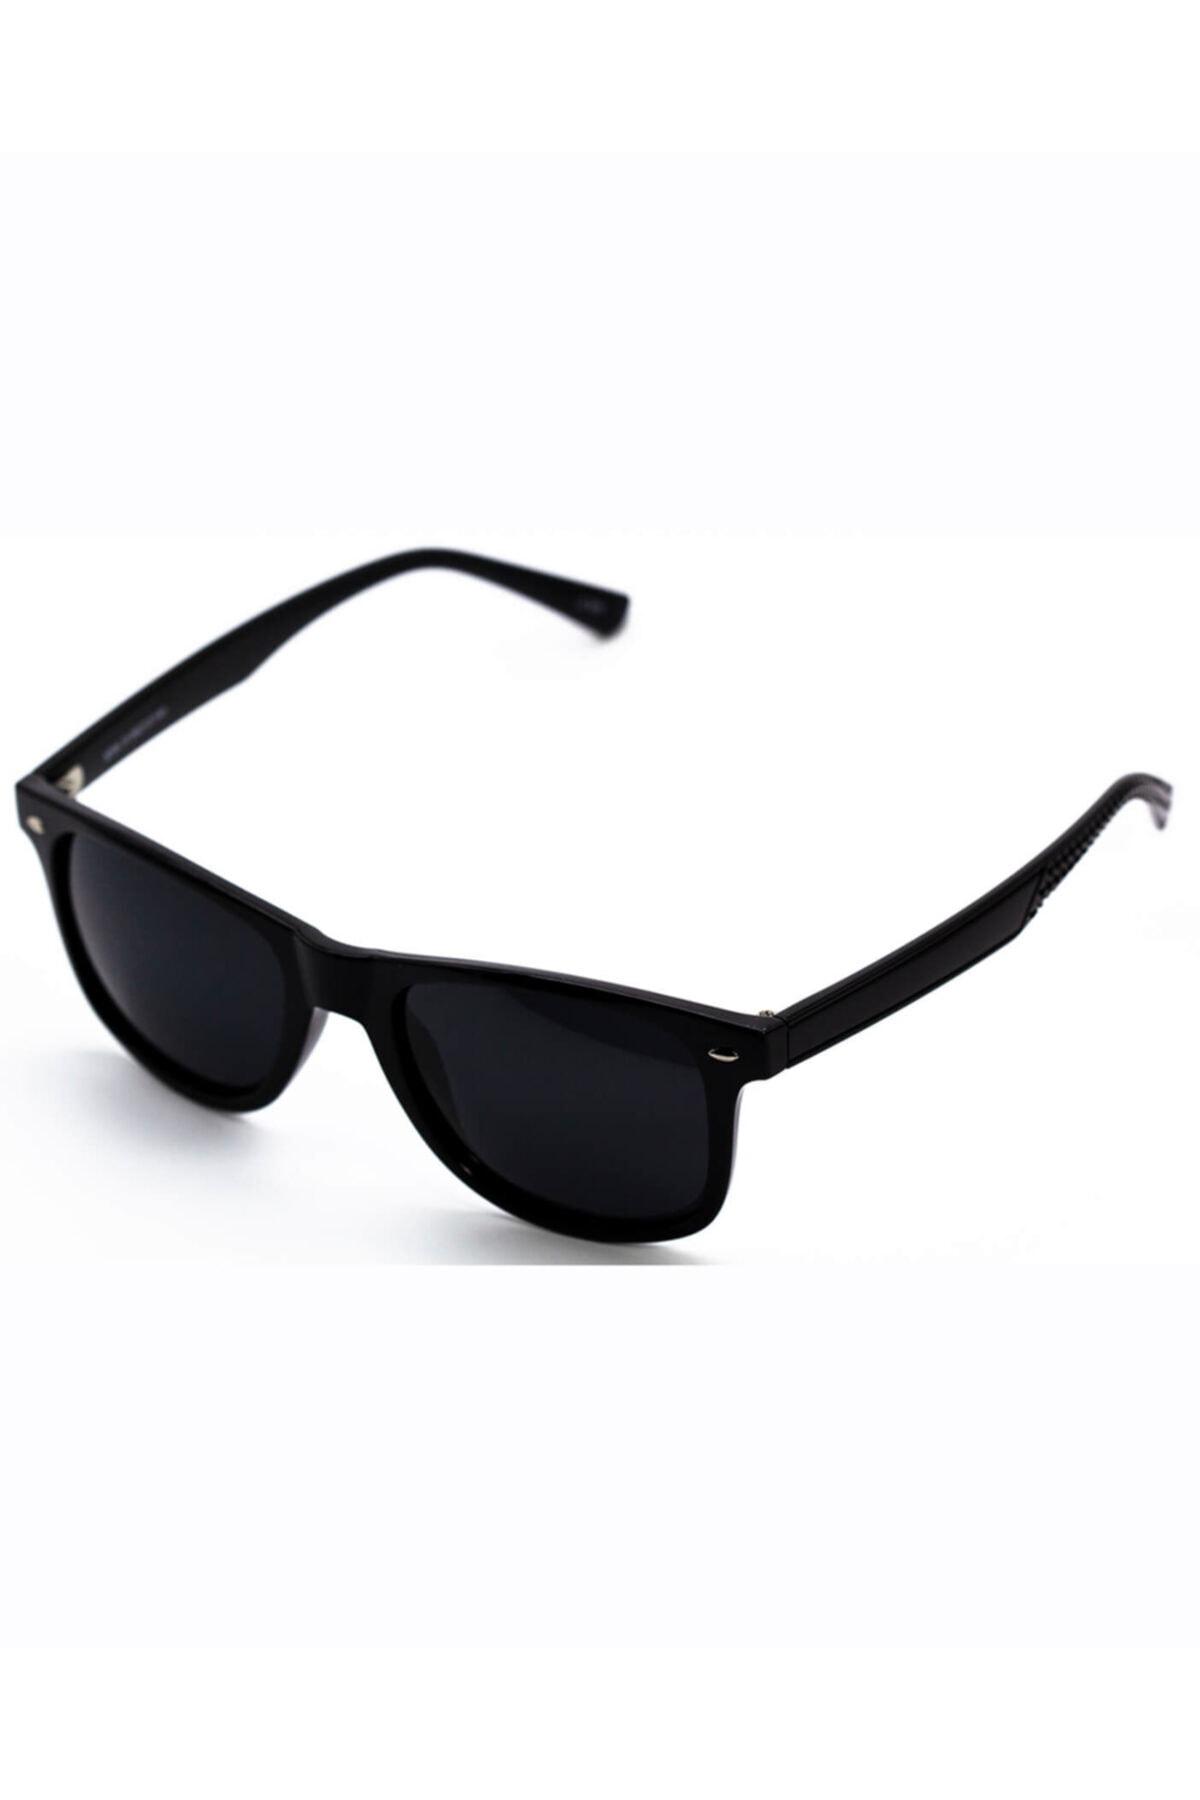 عینک دودی مردانه تابستانی برند Toms Teddy رنگ مشکی کد ty32948418